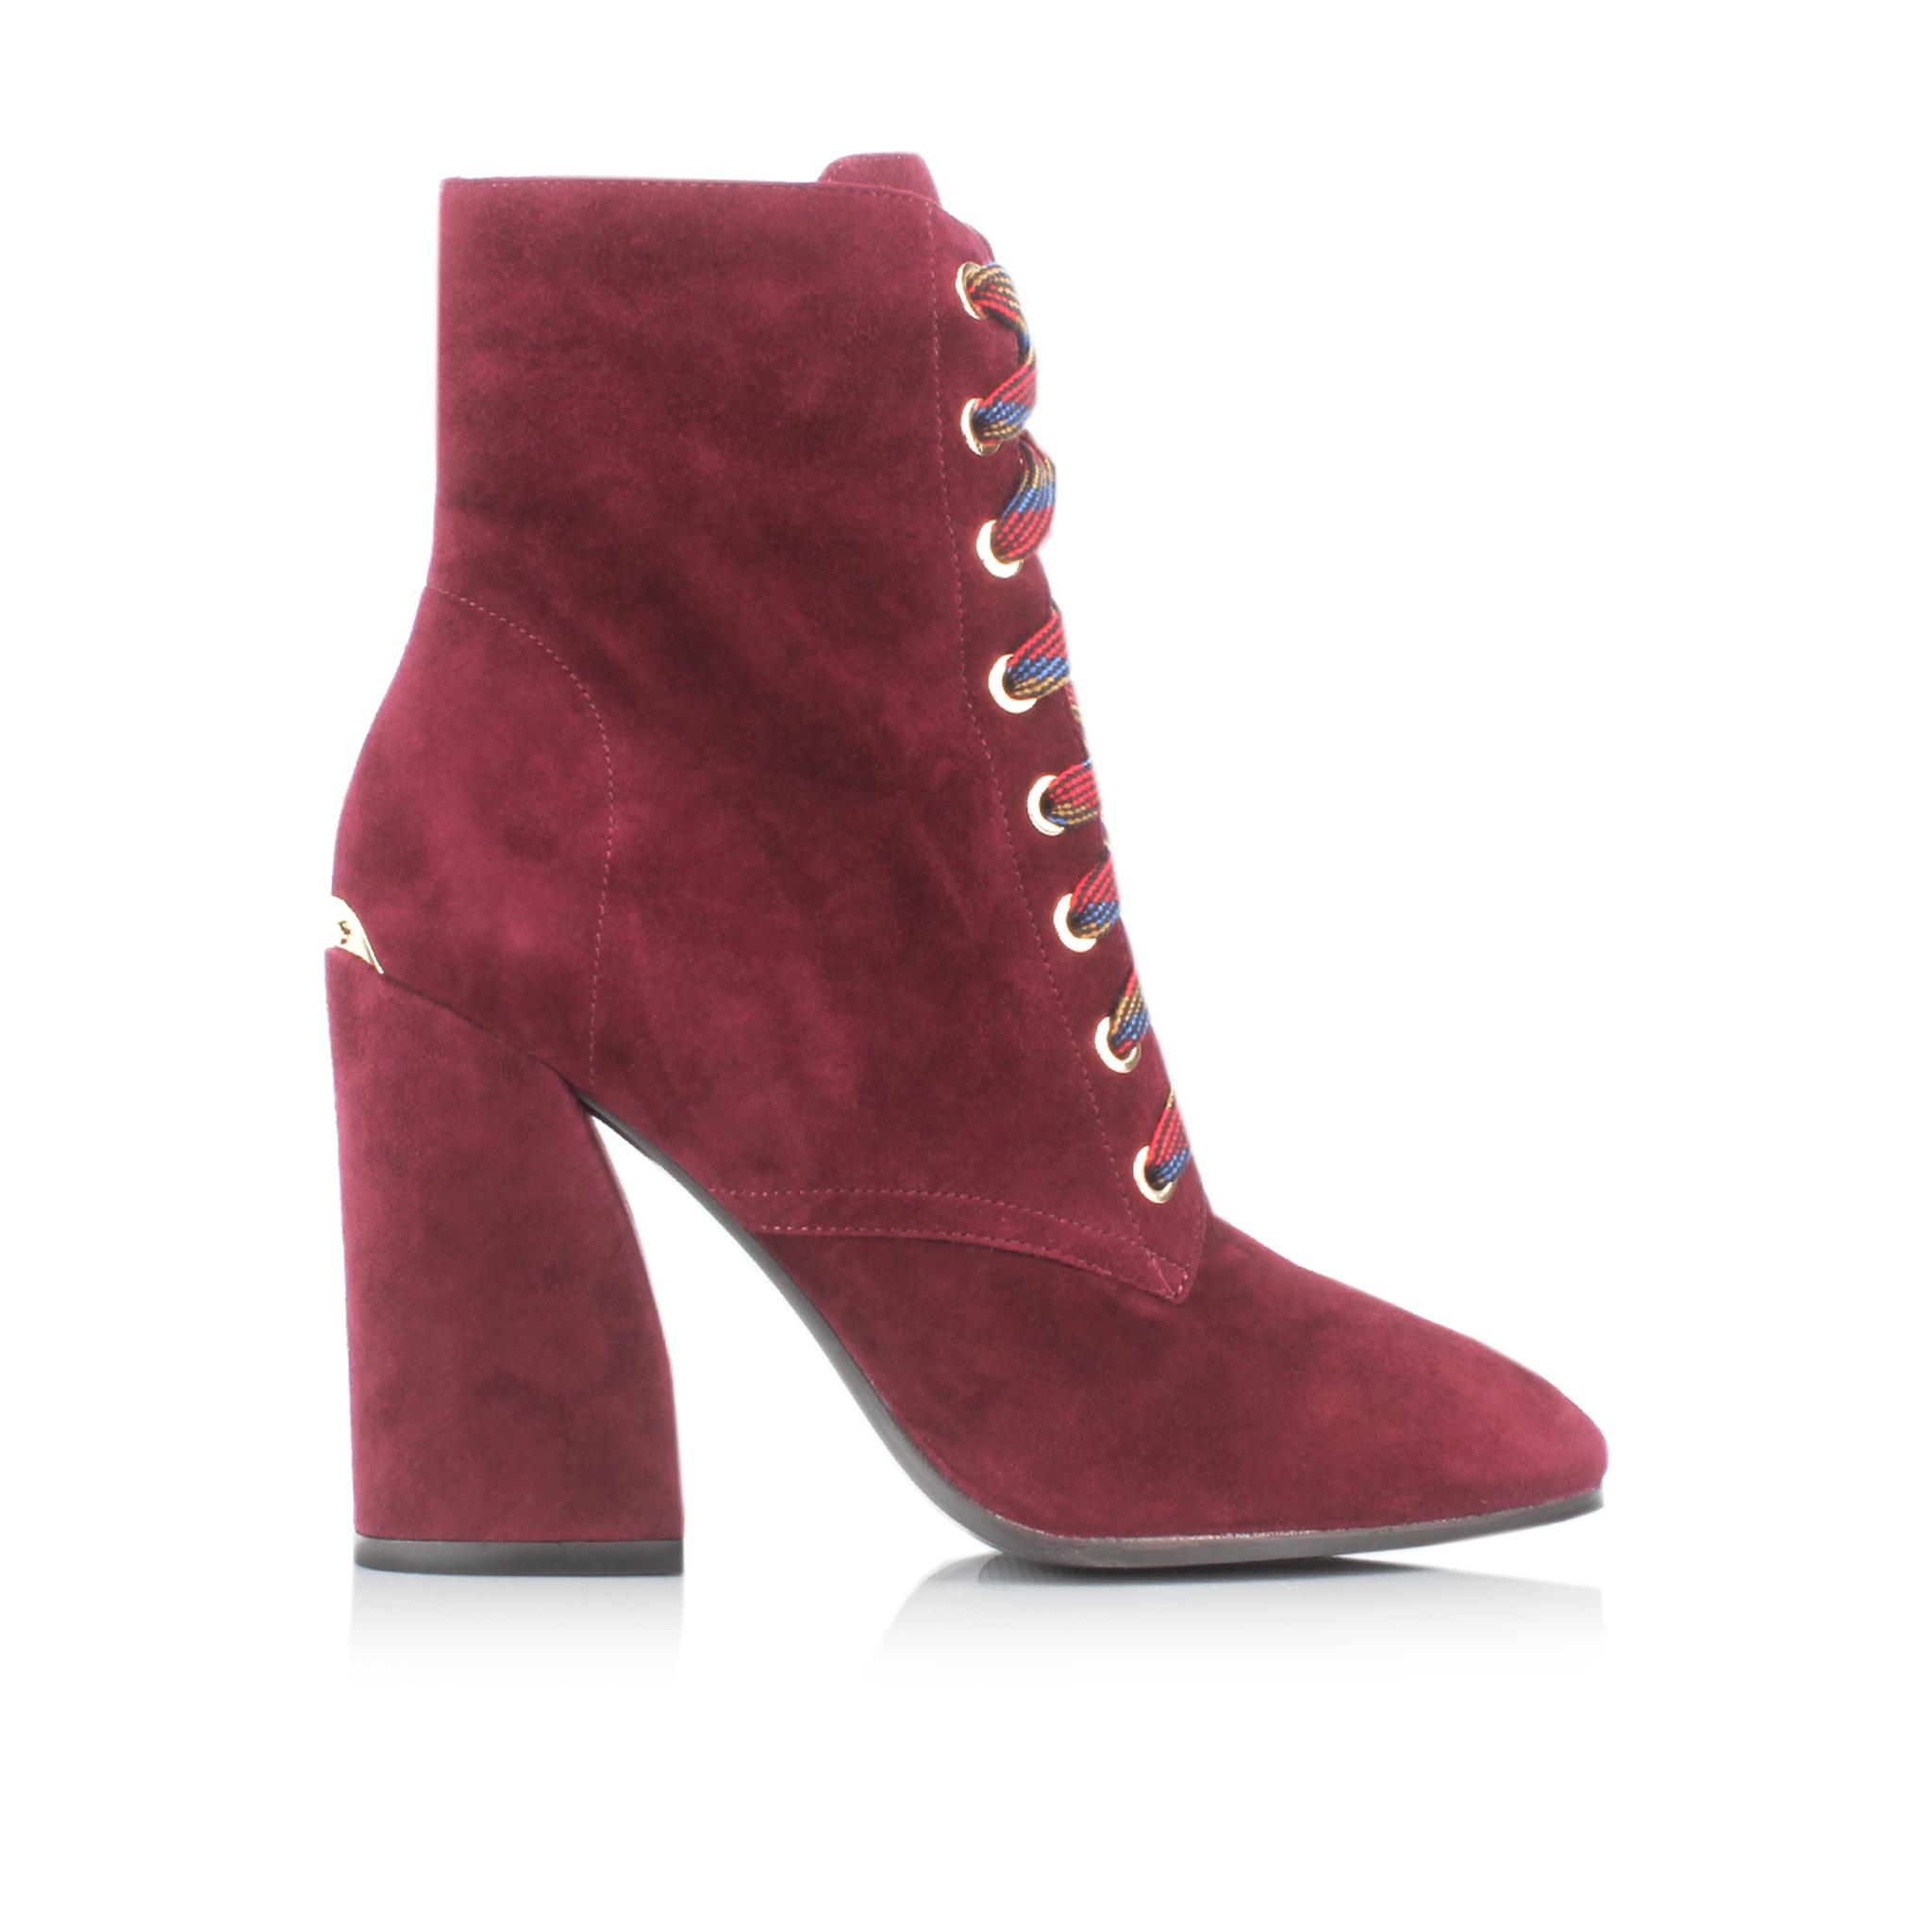 Вещь дня: Замшевые бордовые ботинки Antonio Biaggi-Фото 1